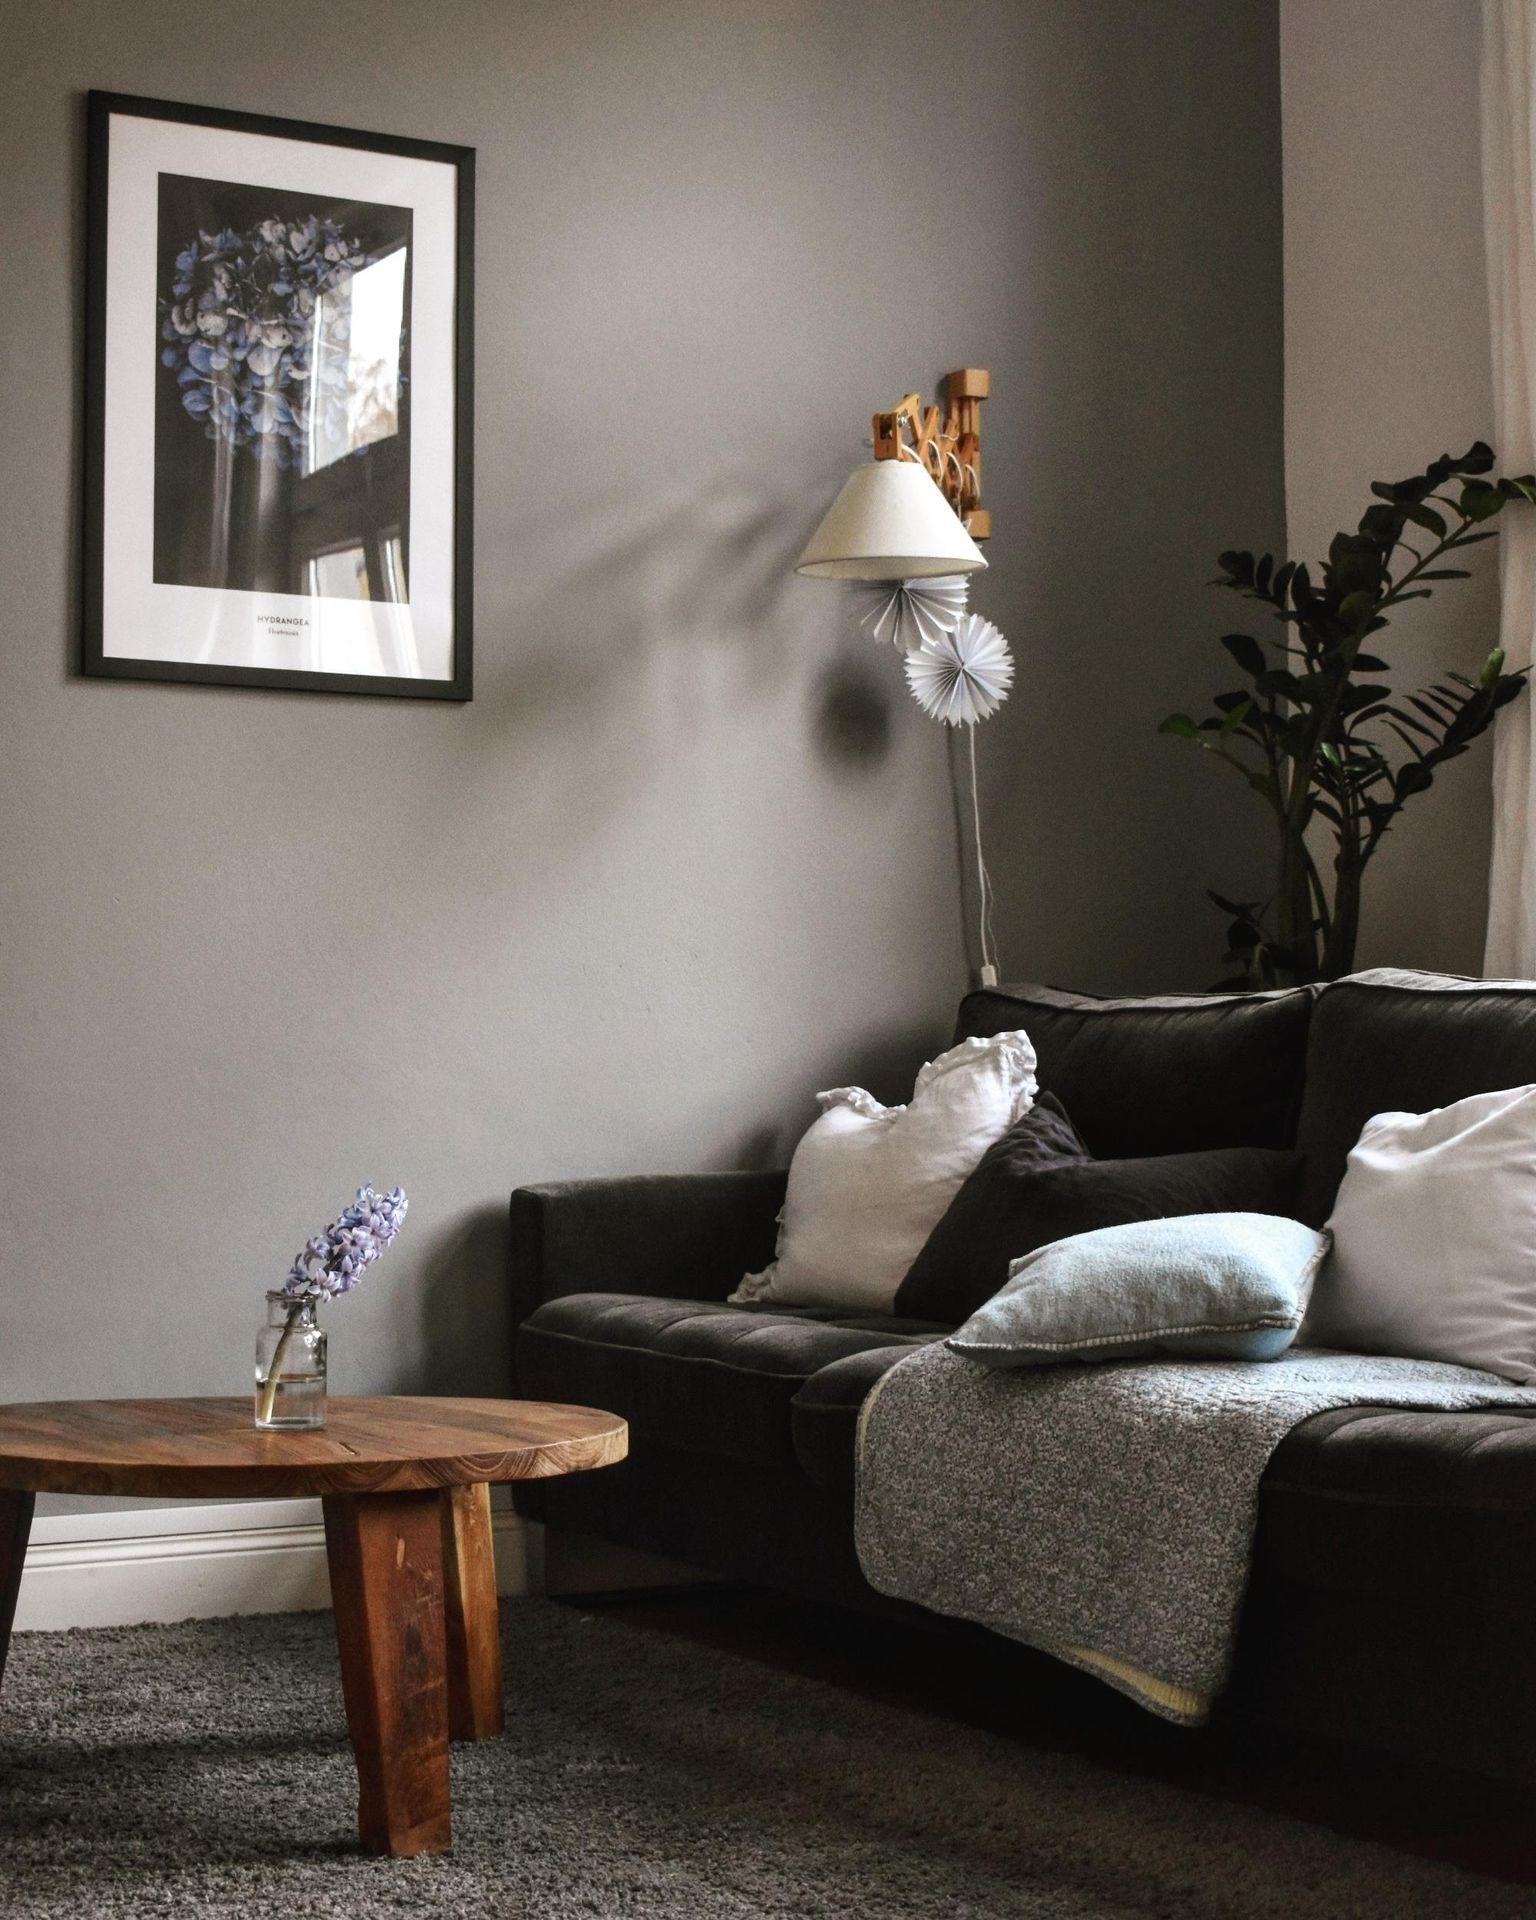 Wohnzimmer Ideen Und Bilder Bei Couch Wohnzimmer Couch Wohnzimmer Wohnzimmer Ideen